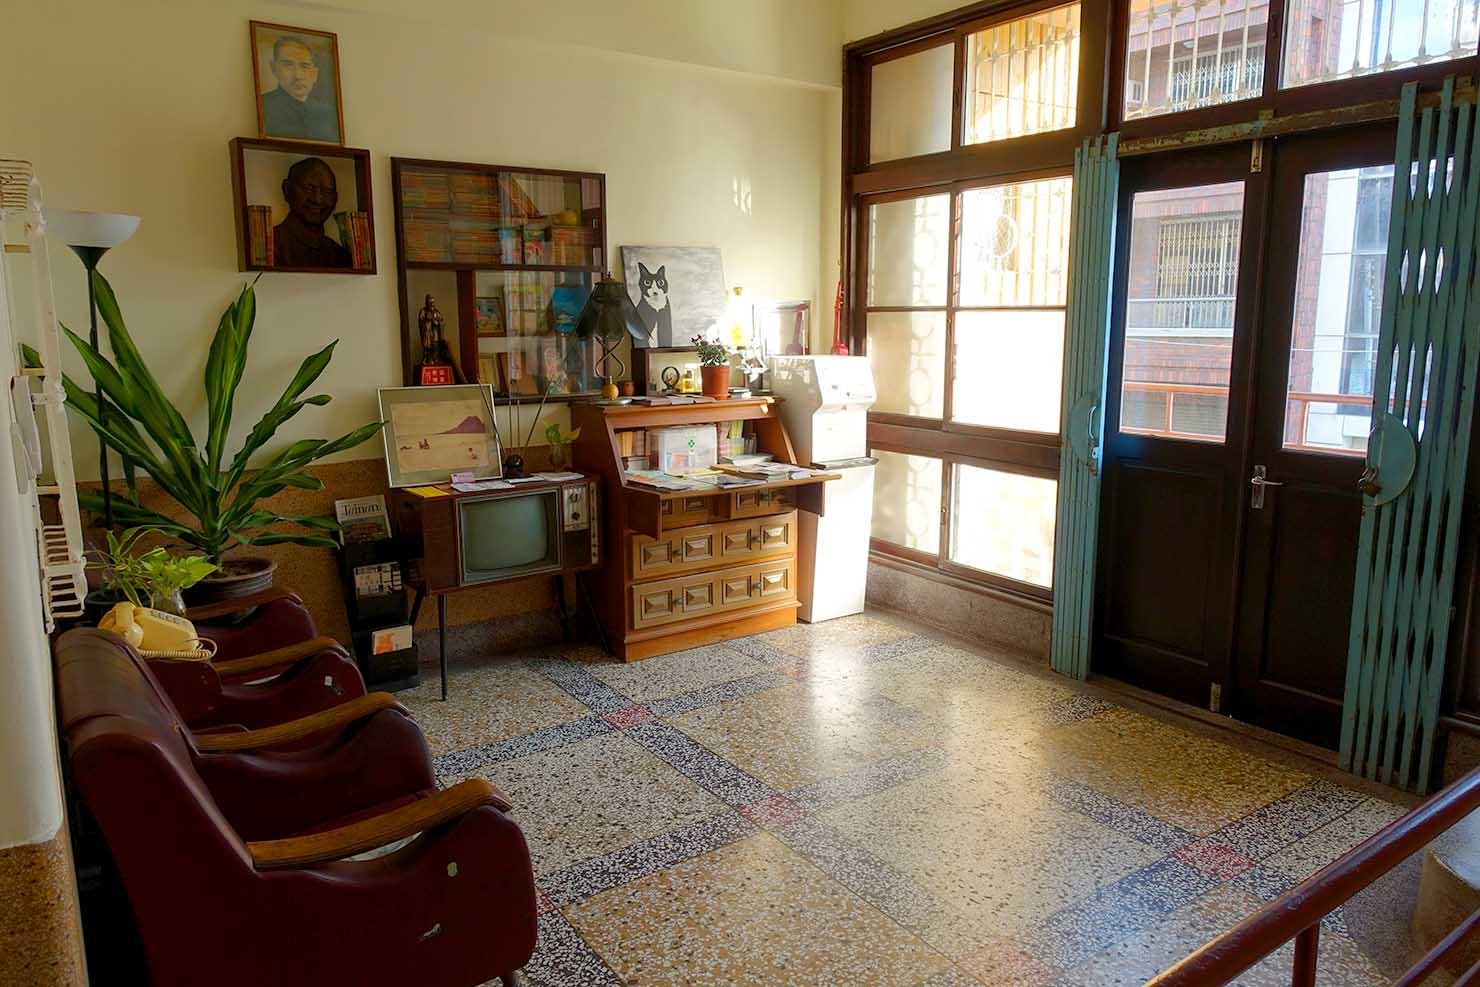 台南・神農街の古民家ゲストハウス「Goin」の共用スペース